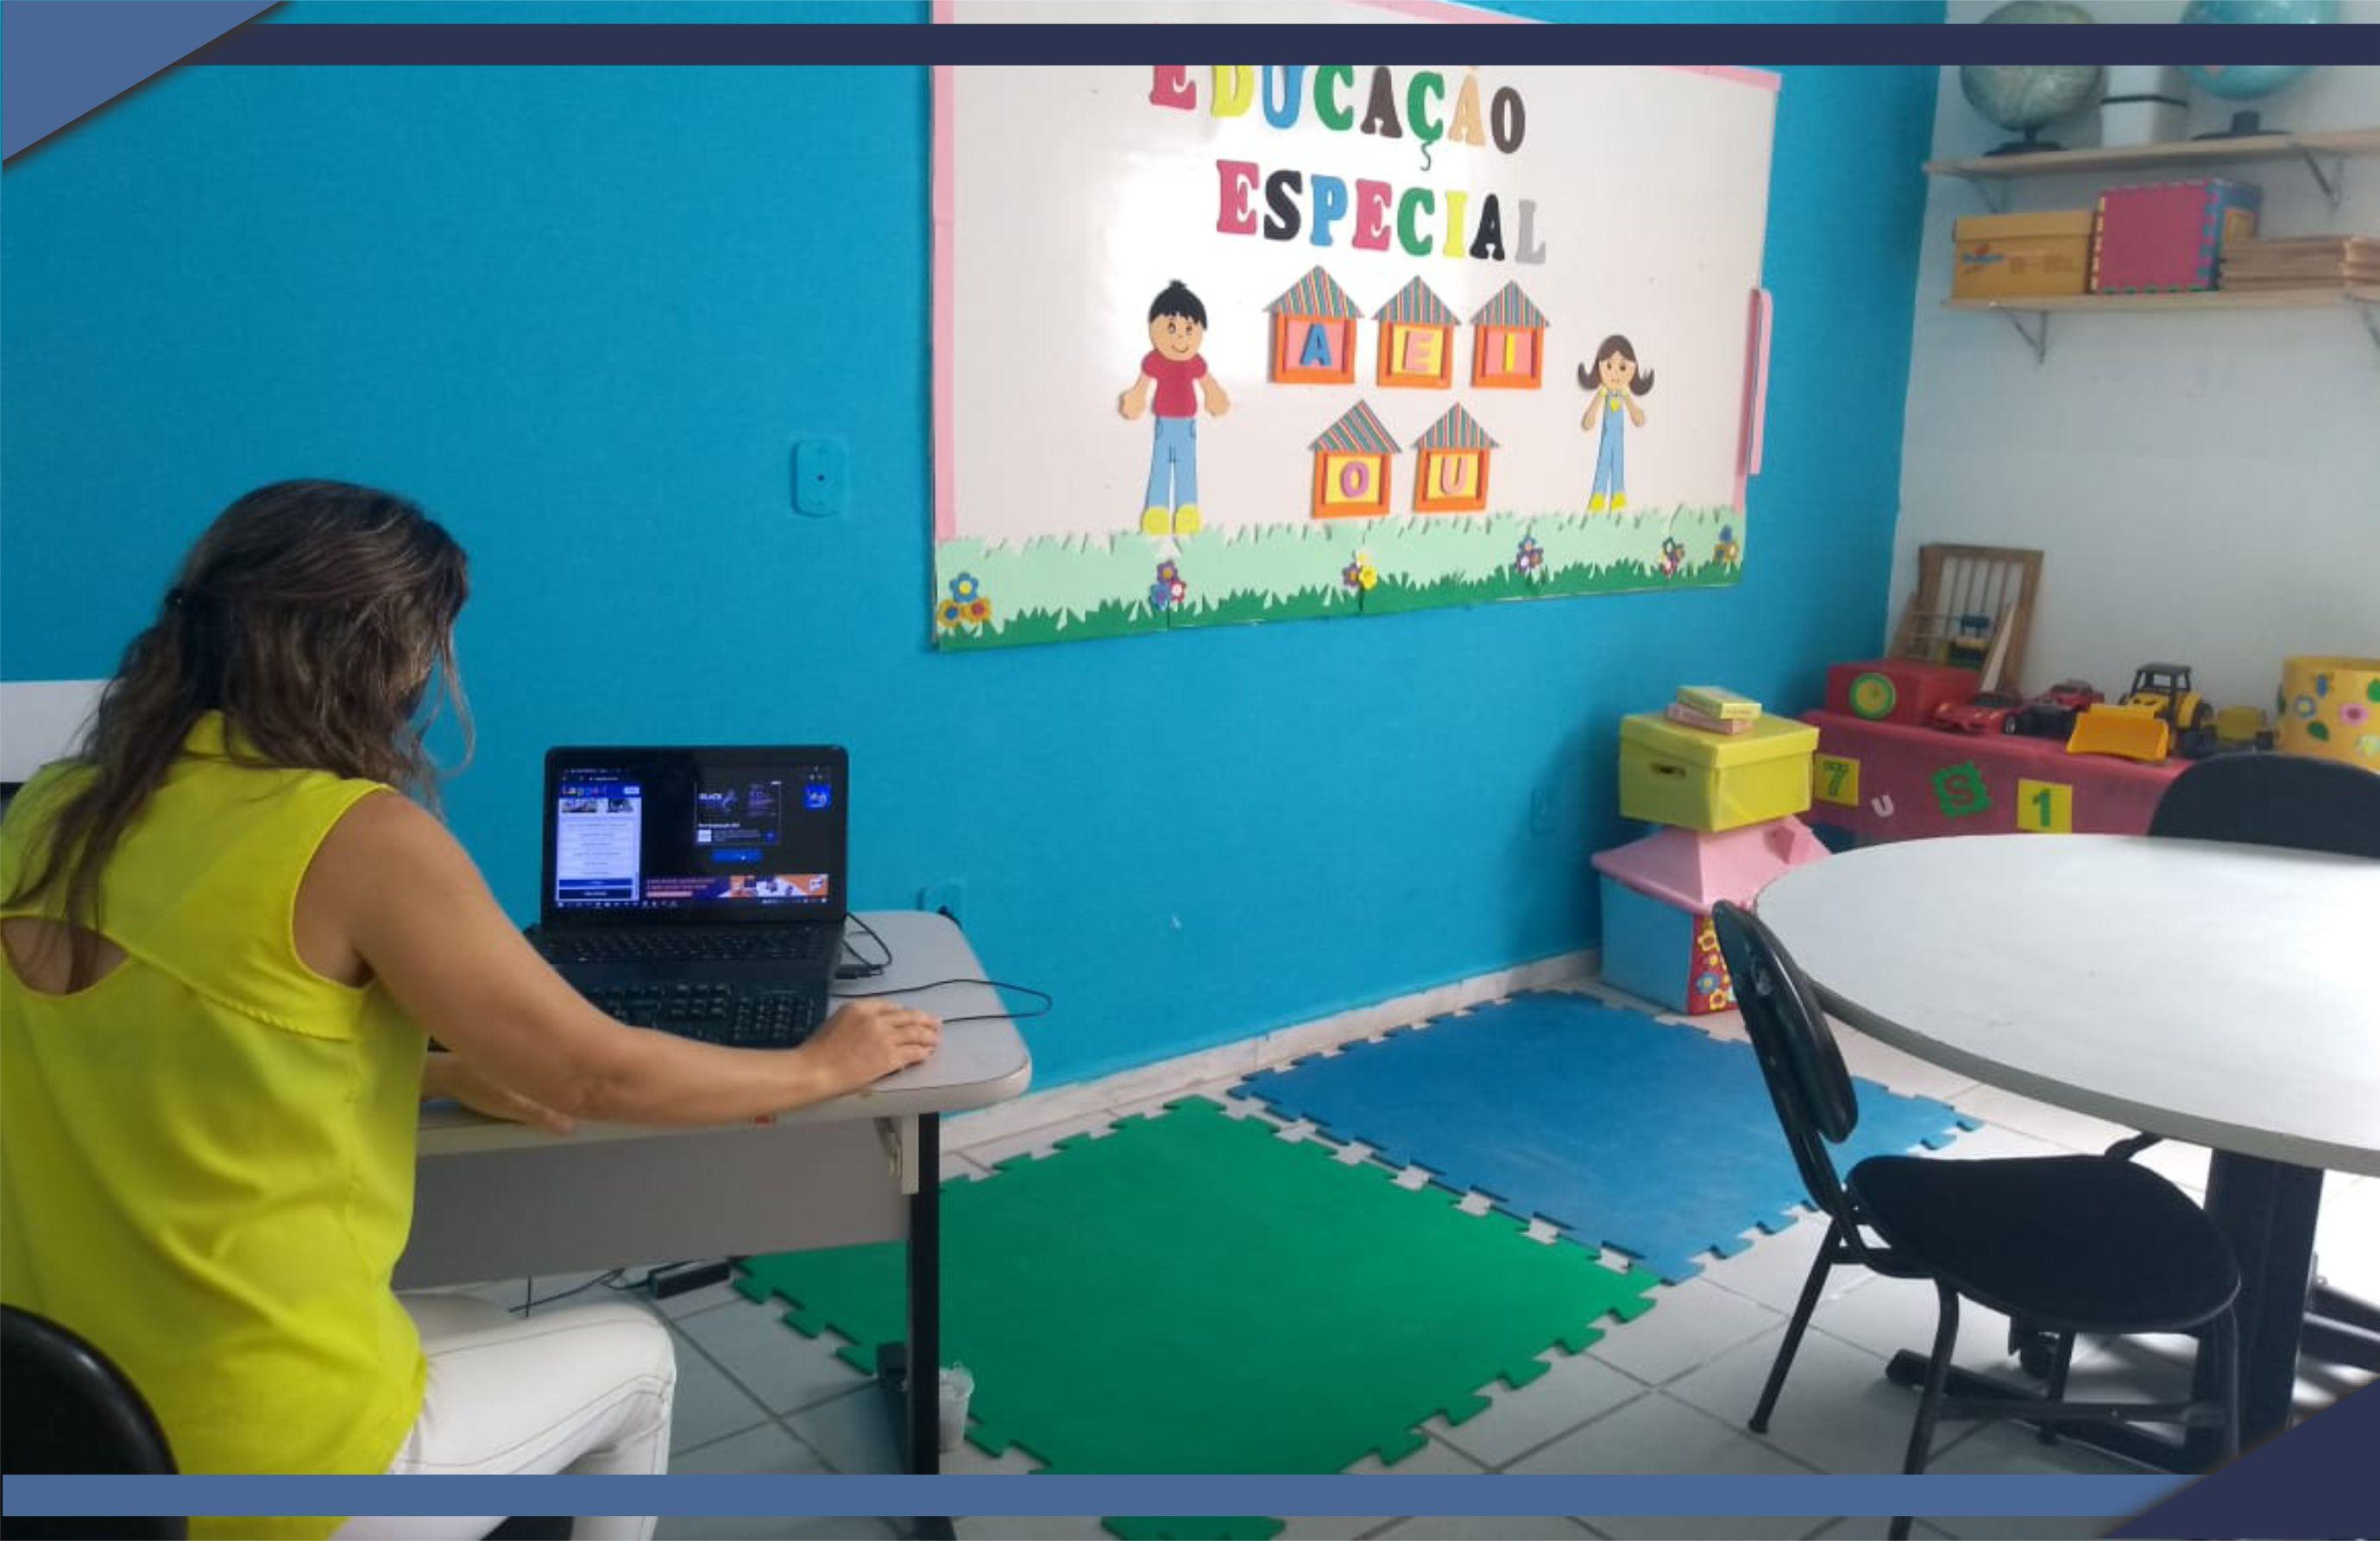 PREFEITURA DE SÃO MATEUS AMPLIA RECURSOS PEDAGÓGICOS DA EDUCAÇÃO ESPECIAL